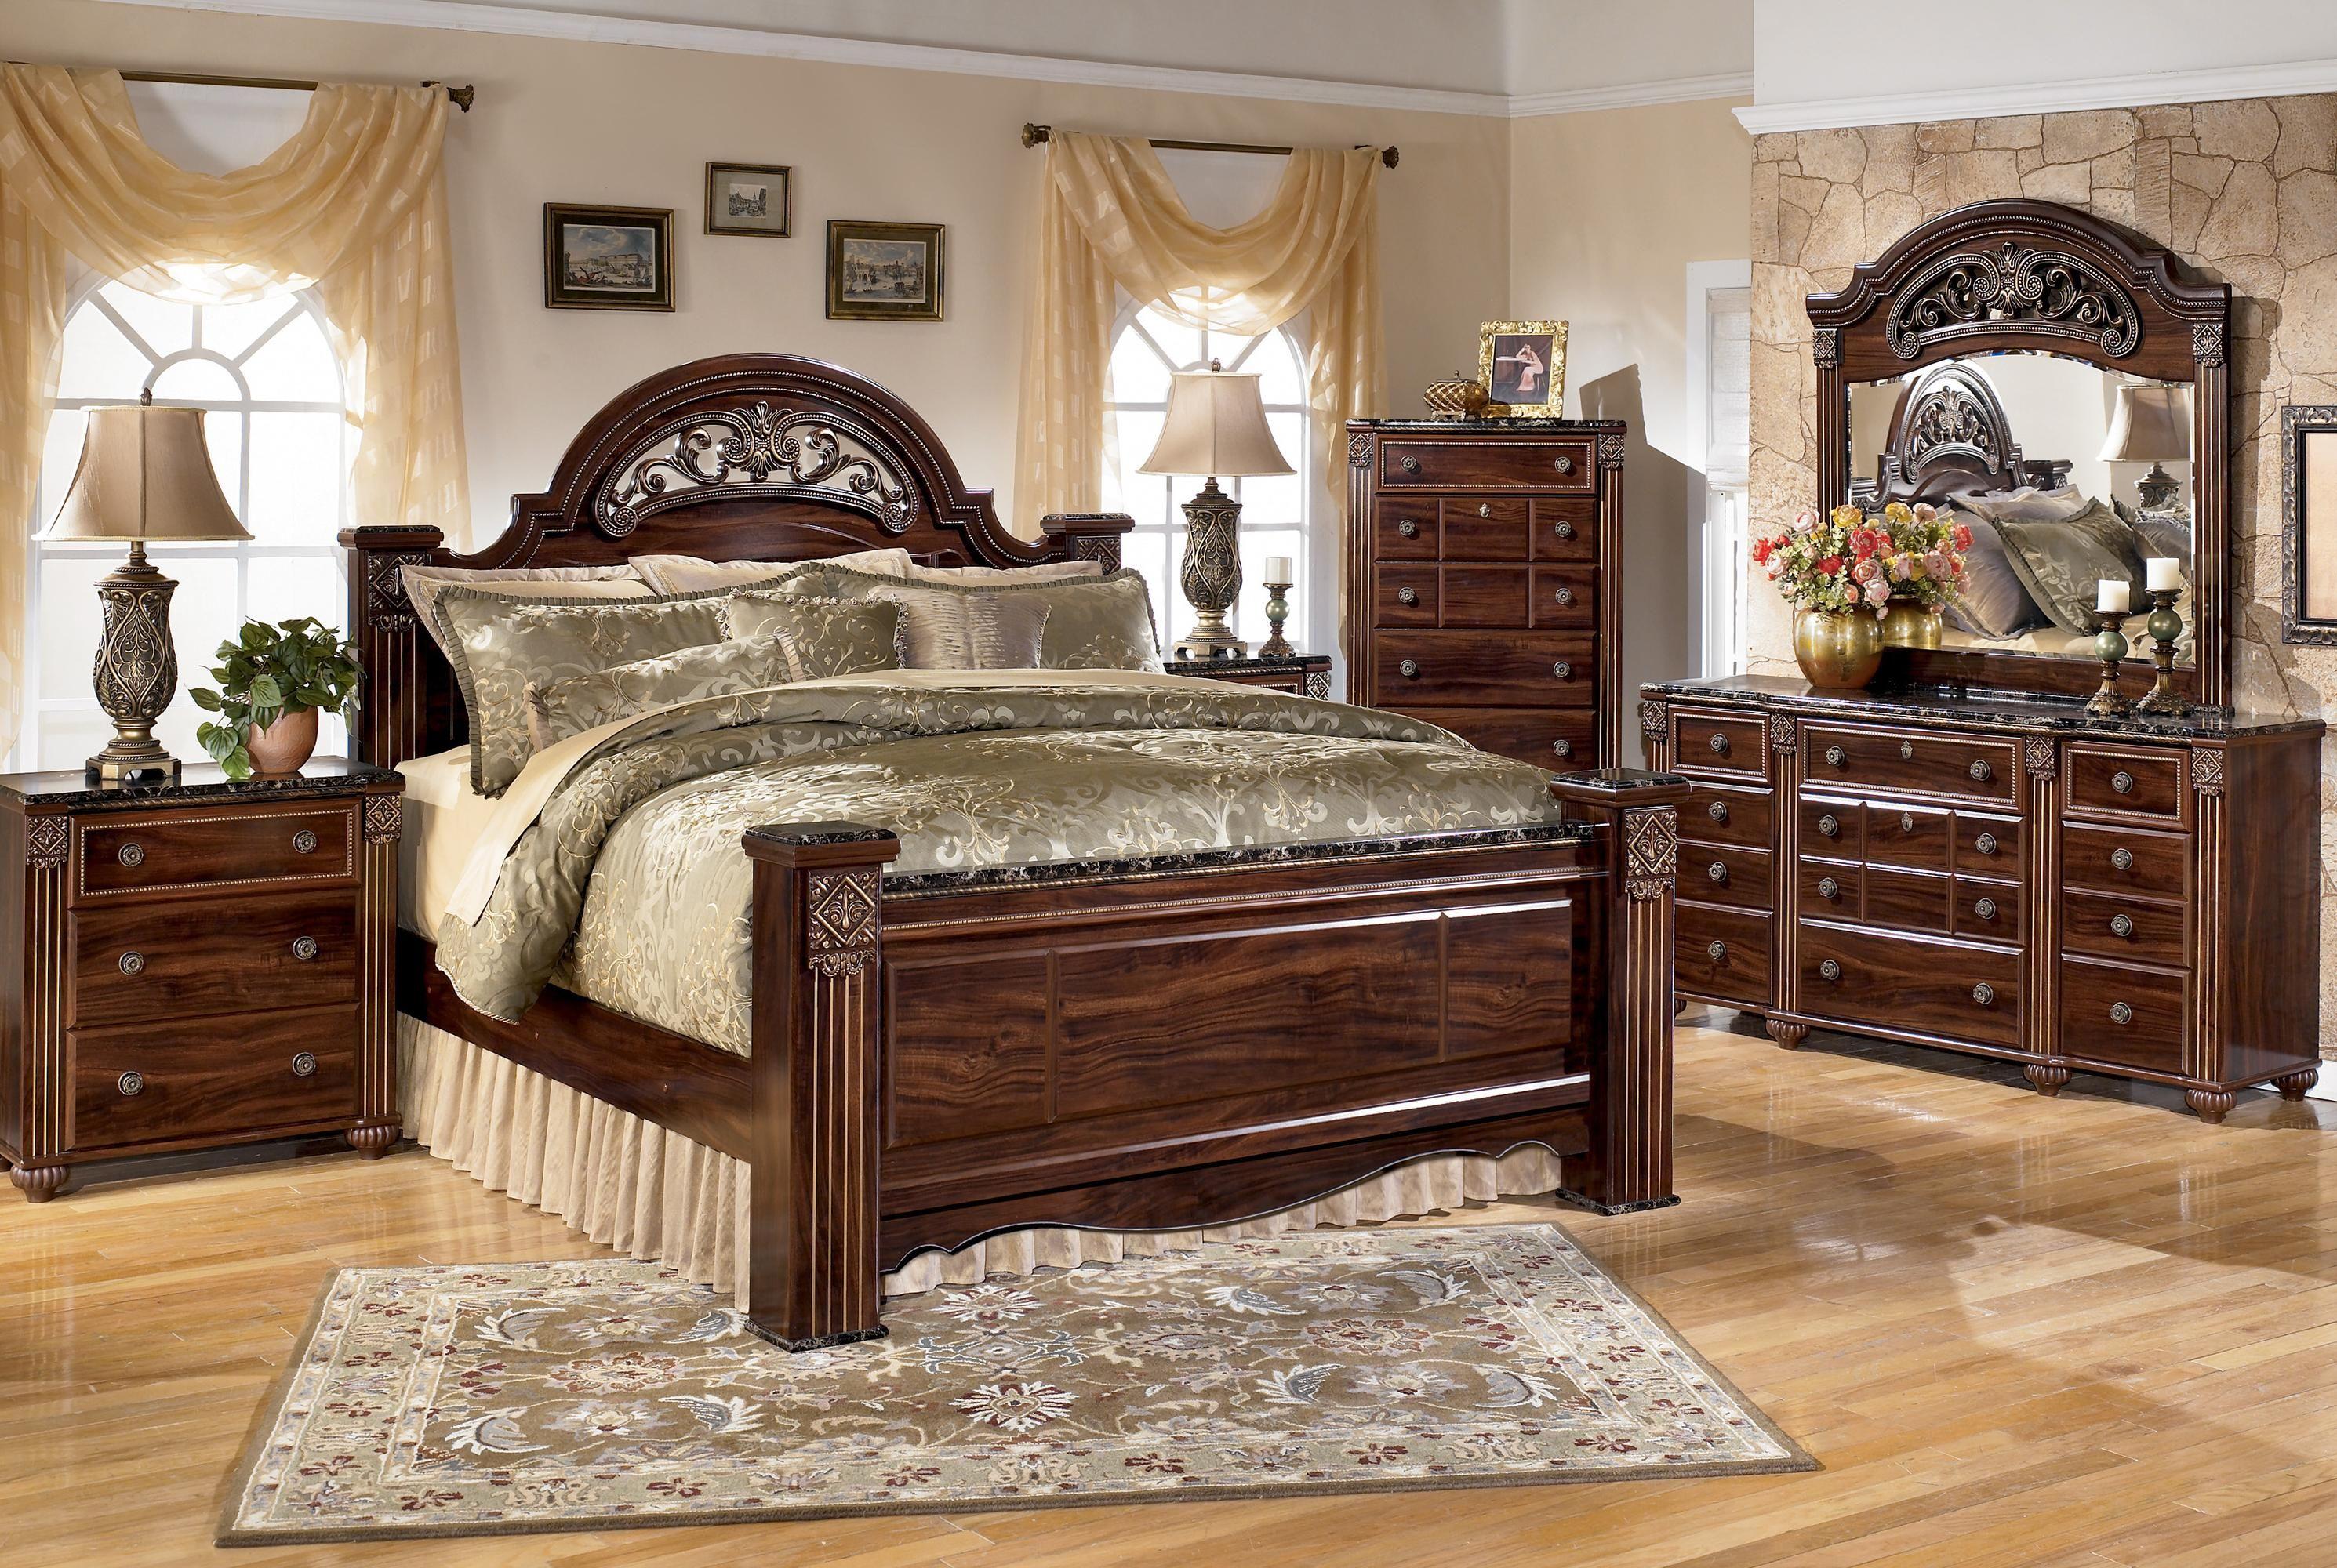 Ashley Furniture Signature Design Bedroom Set Signature Designashley Furniture Gabriela King Bedroom Group